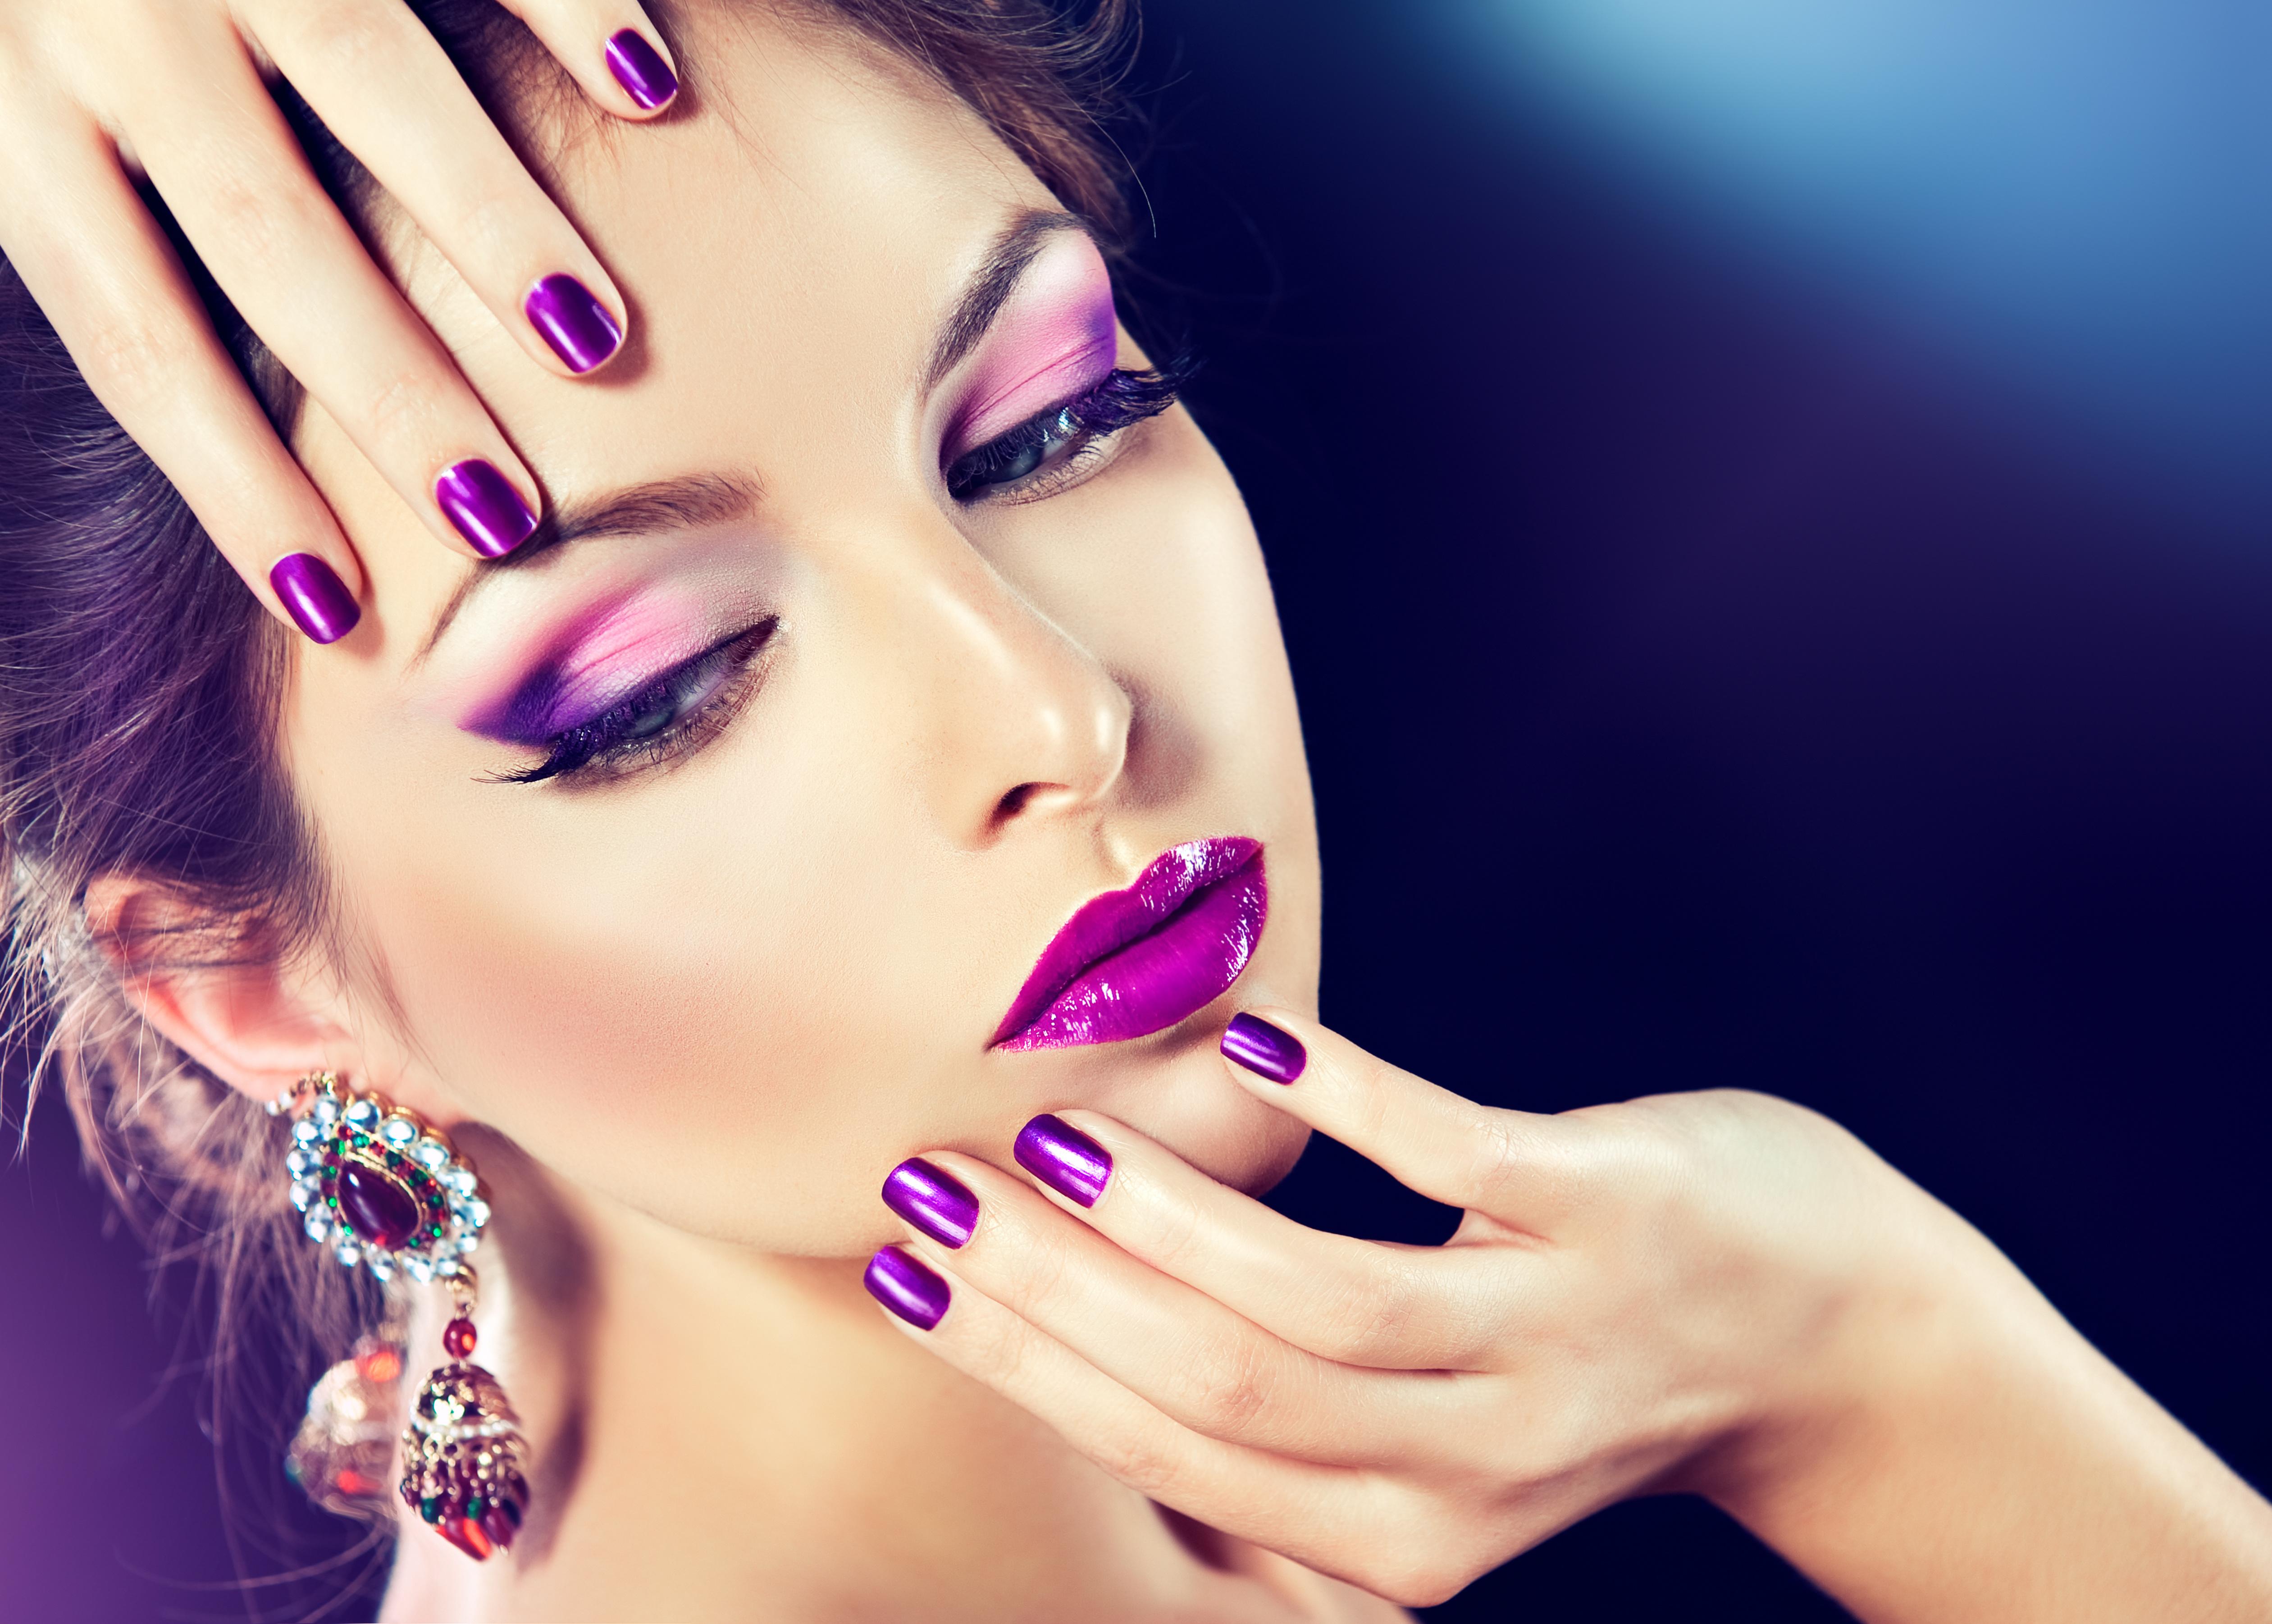 Che manicure sei? [TEST]